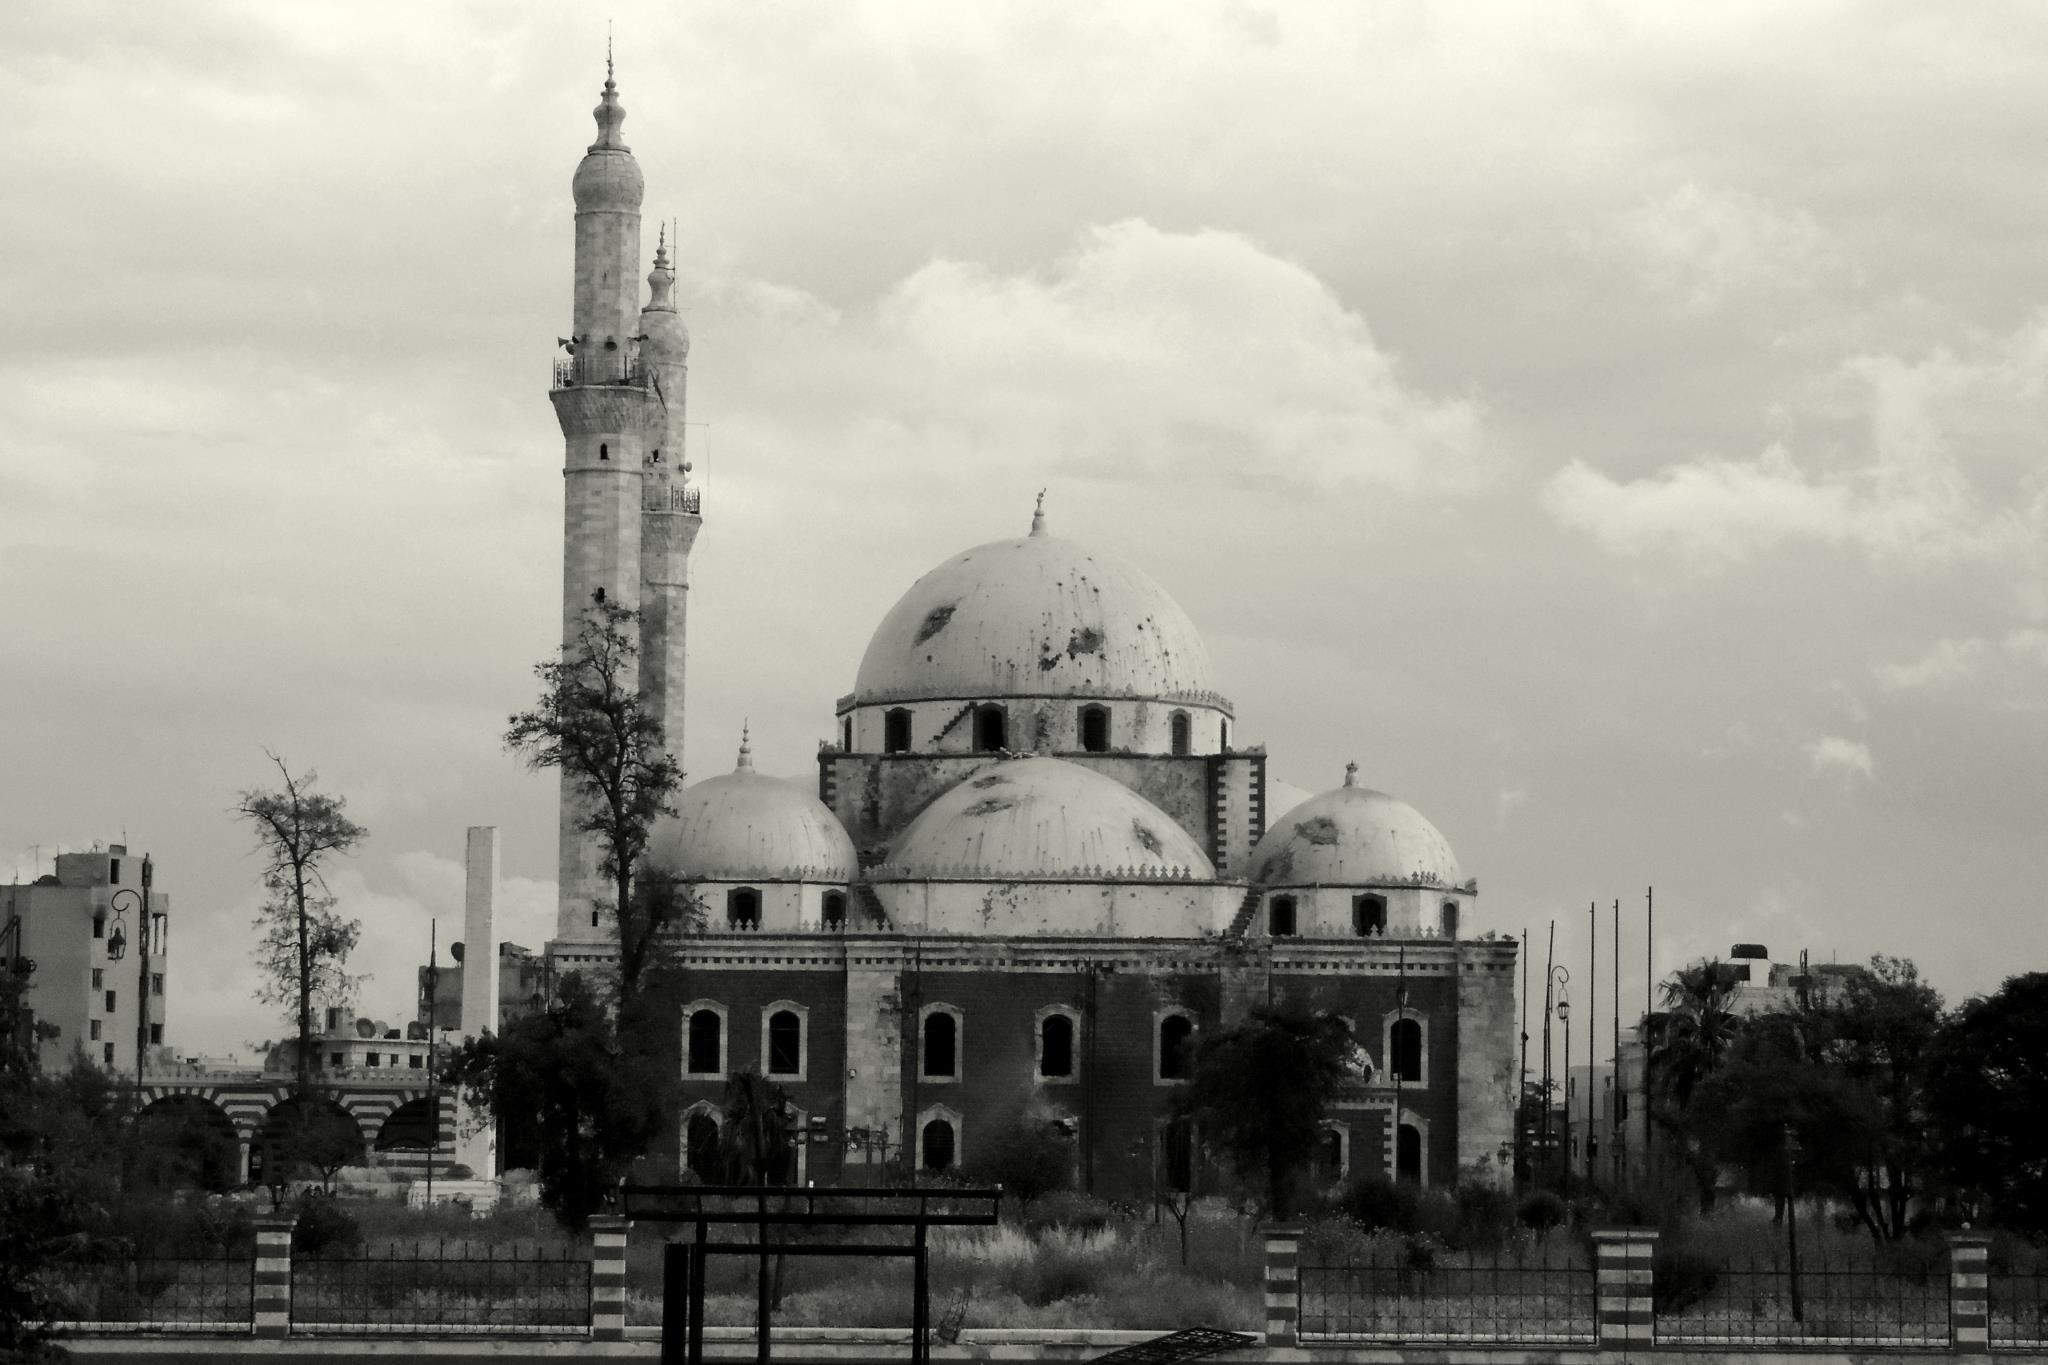 صورة بذكراها السادسة..عاصمة الثورة تبكي أهلها